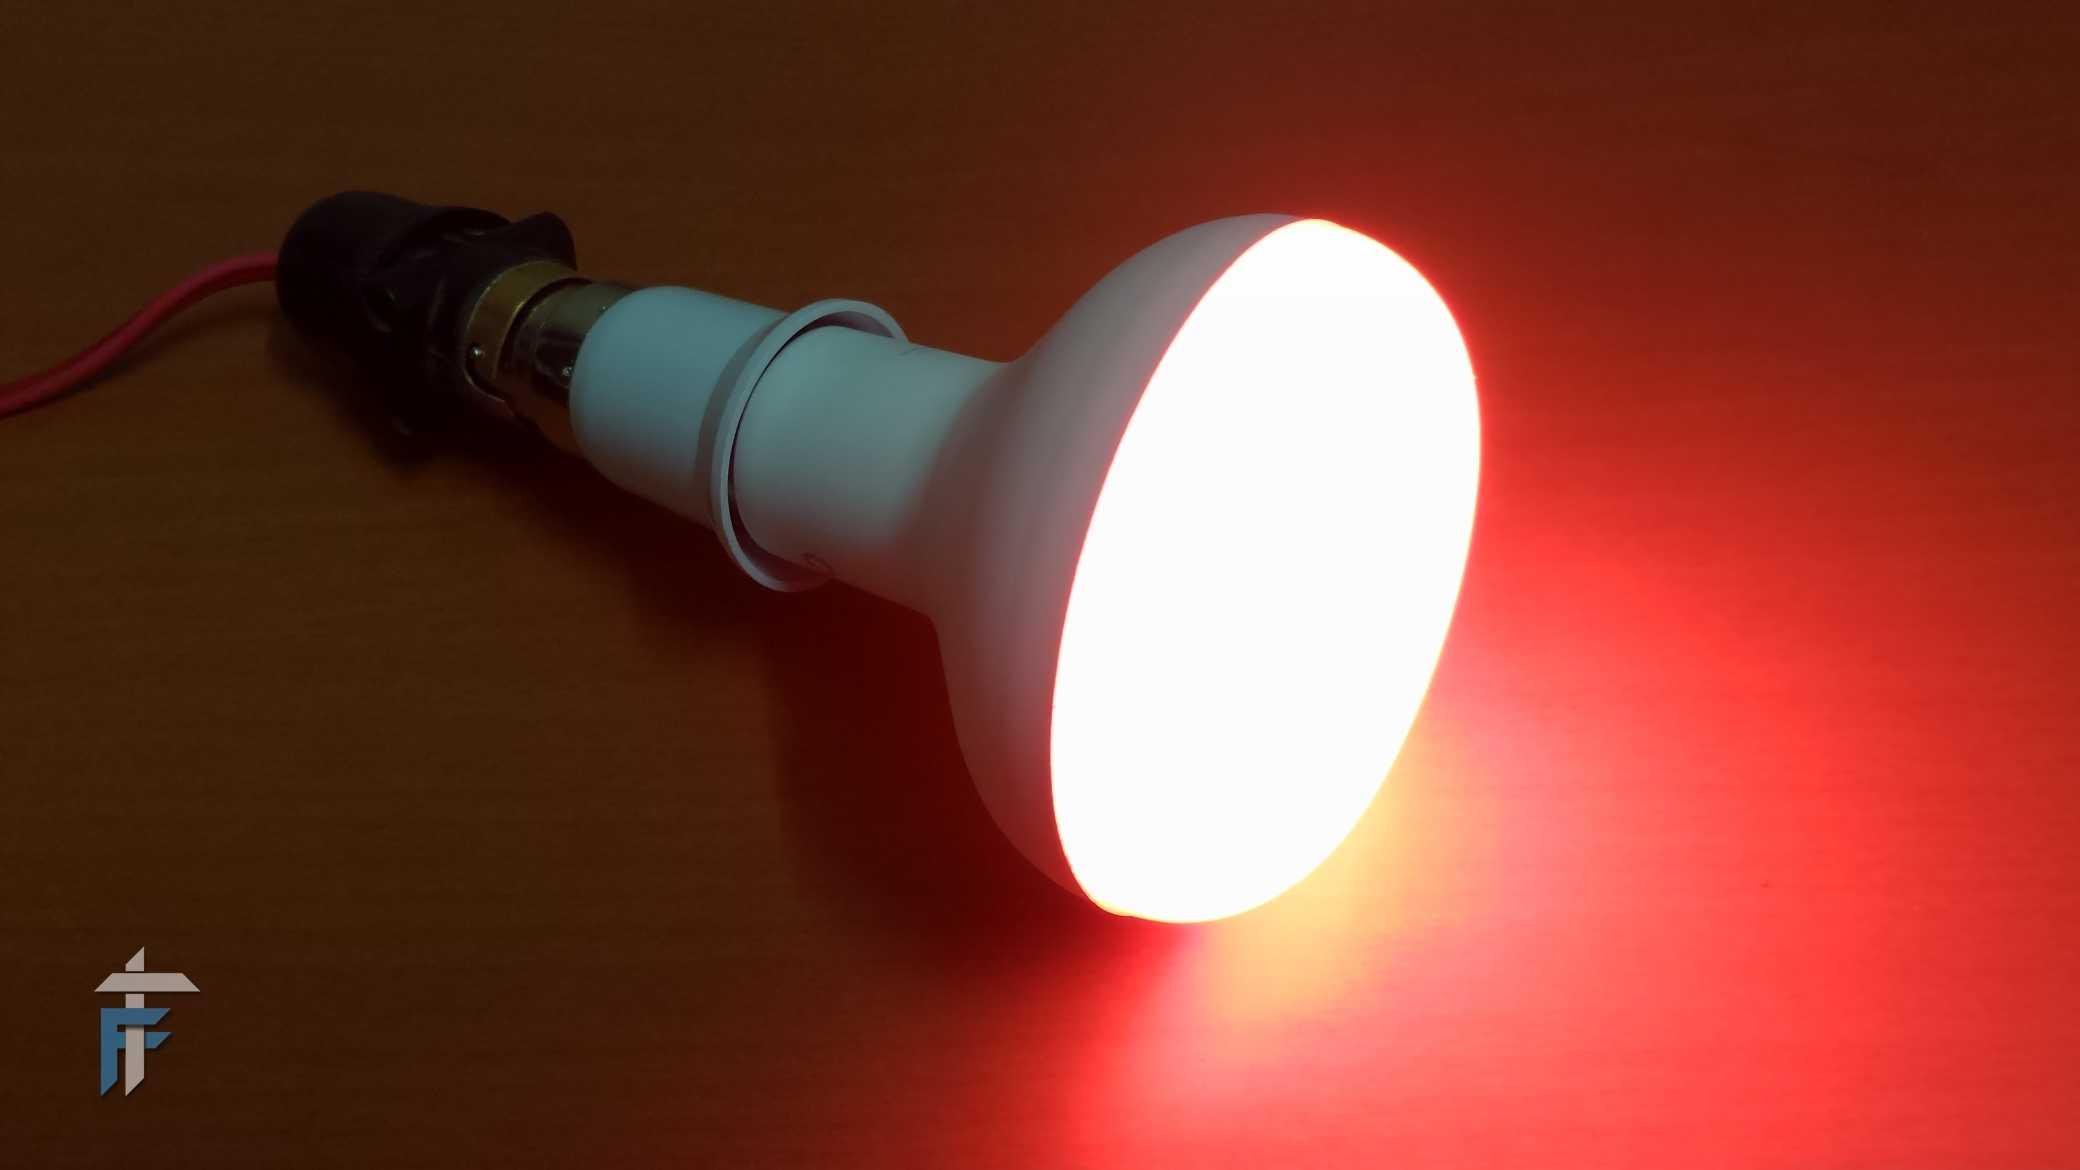 REOS lite LED smart bulb full review